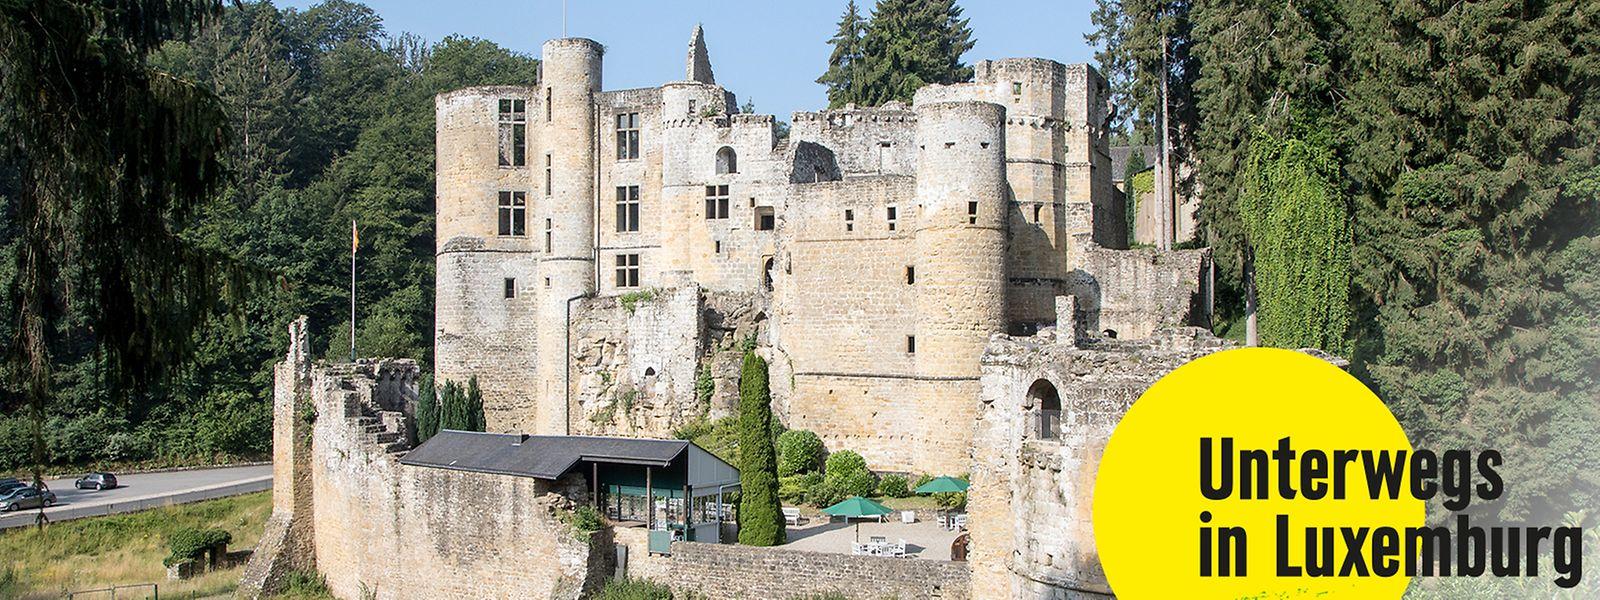 Die Ruinen der mittelalterlichen Burg können täglich besucht werden.